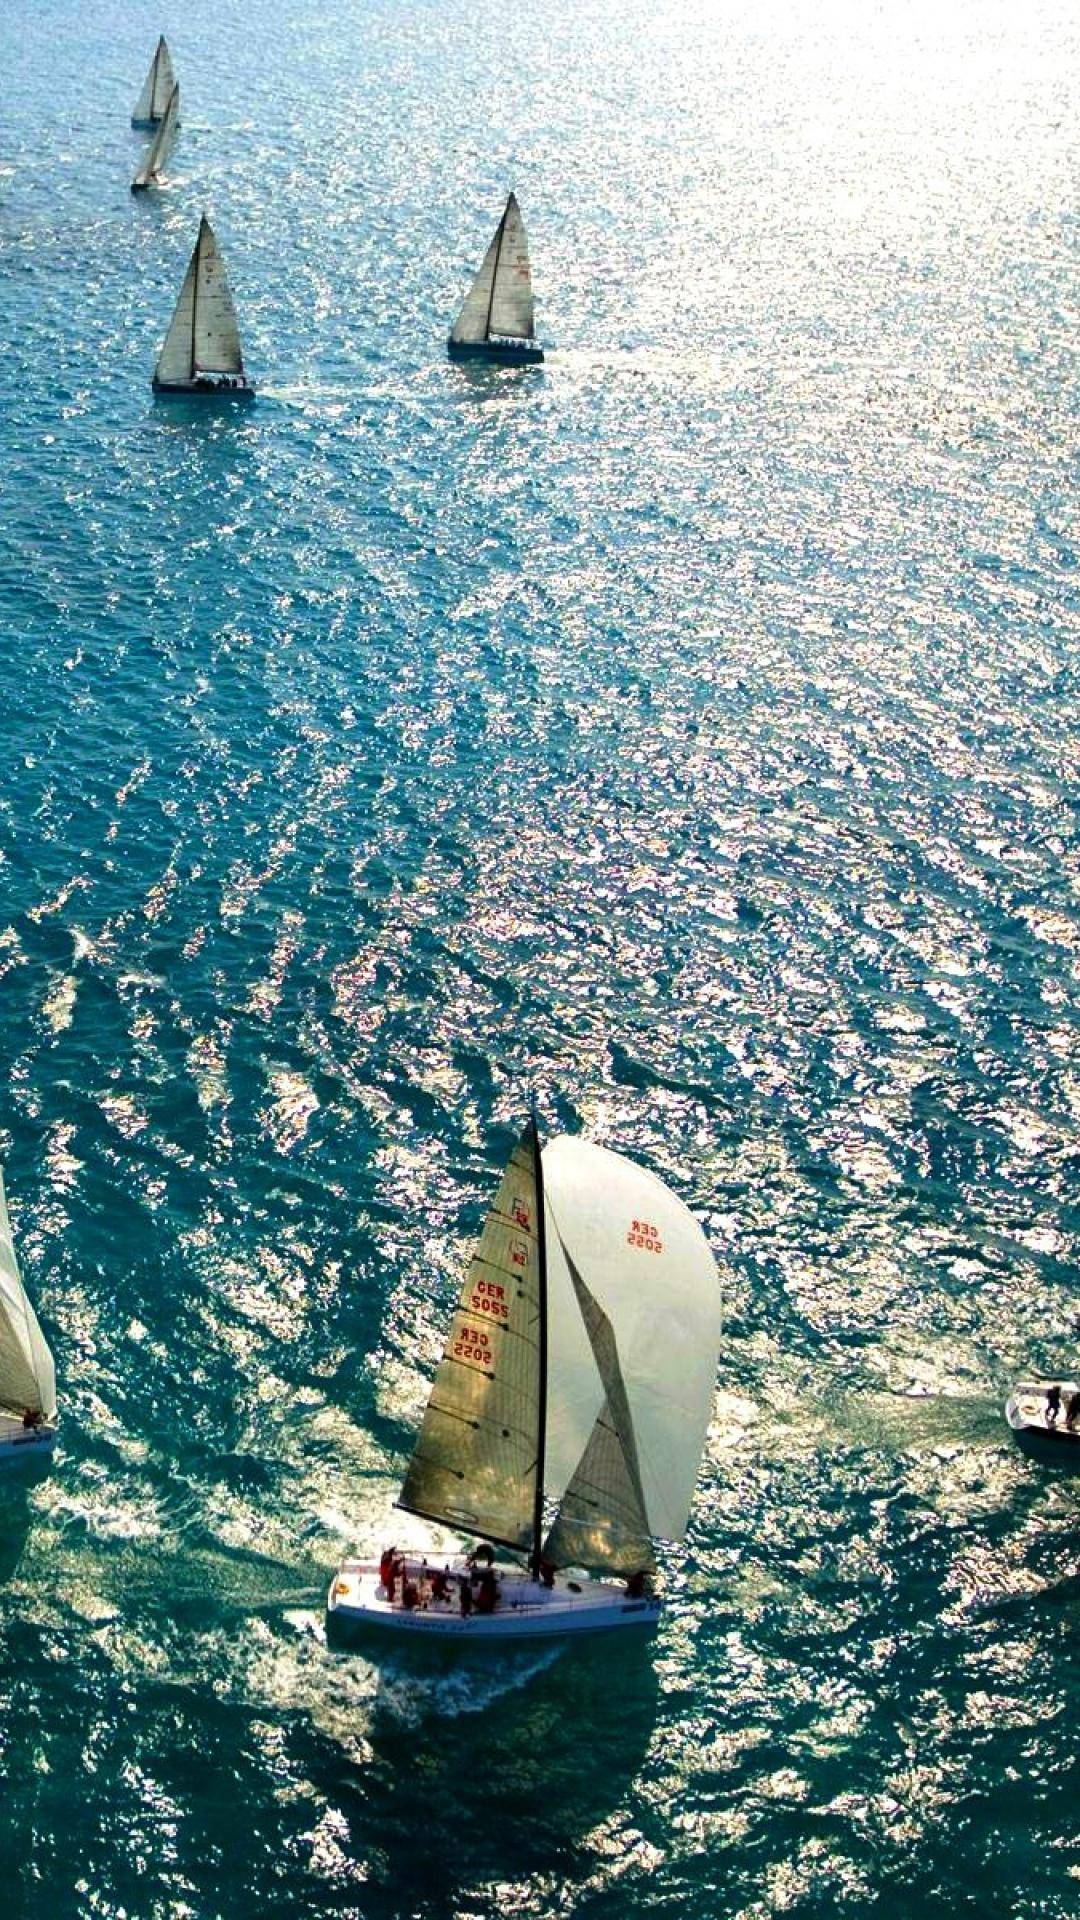 1080x1920-sails-wallpaper-wp360636